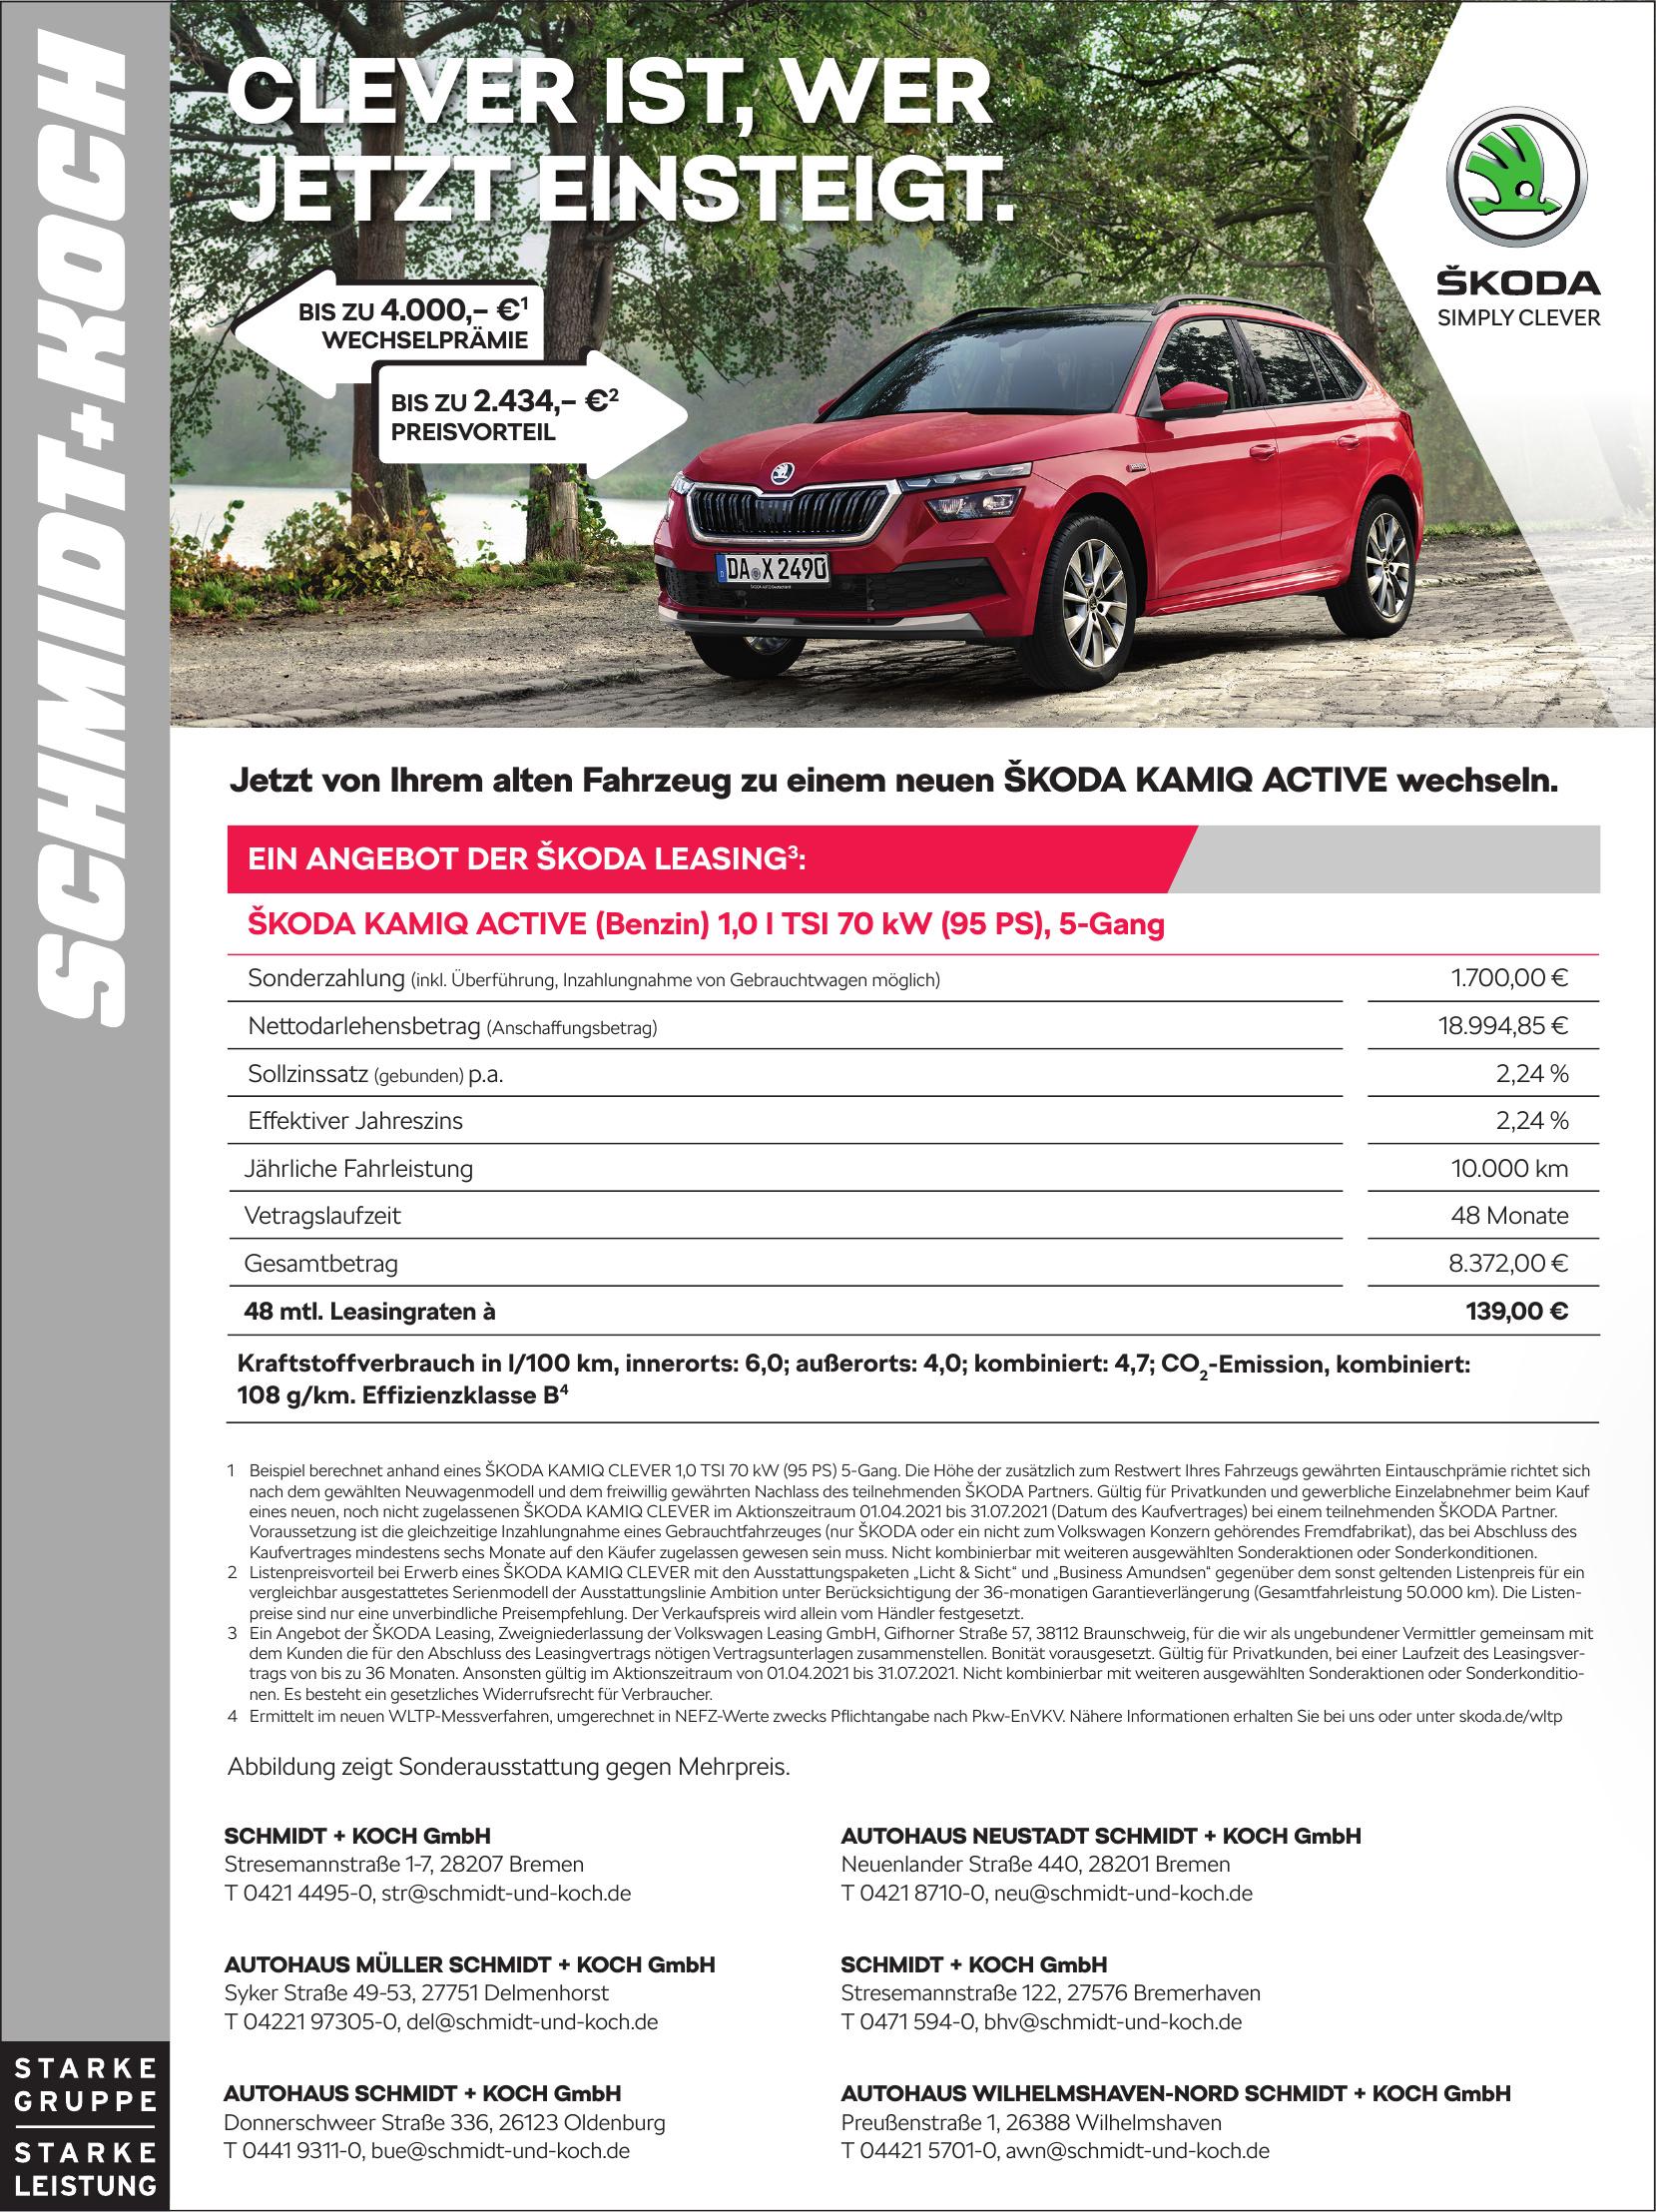 SCHMIDT + KOCH GmbH